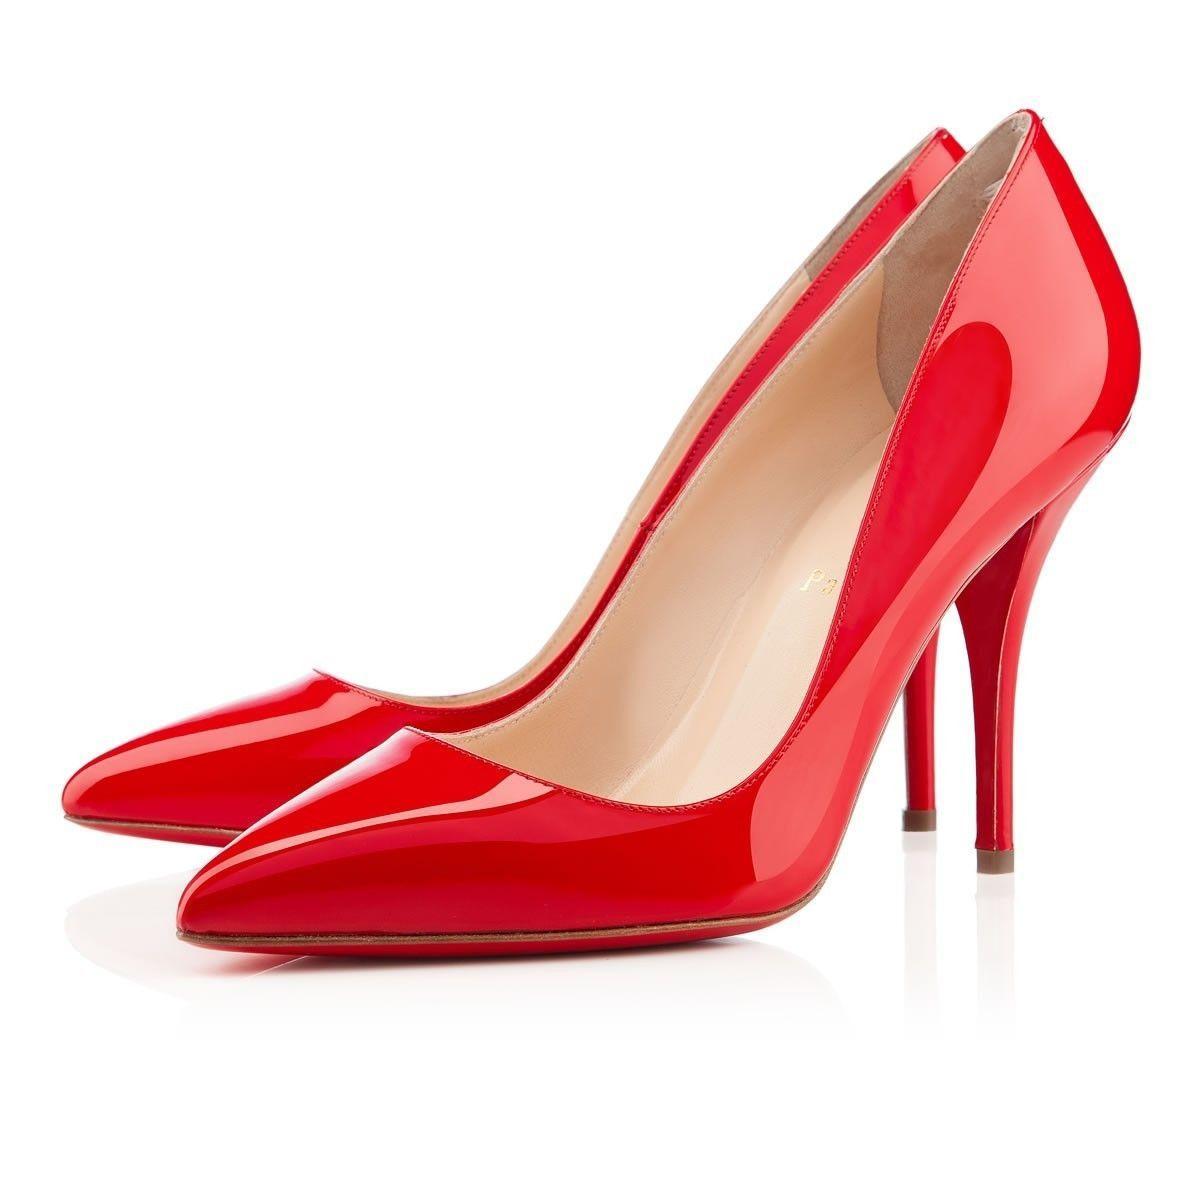 4efa099d570 Chaussure Louboutin Pas Cher Pompe Batignolles 100mm Rouge Lipstick5   shoesforwomen